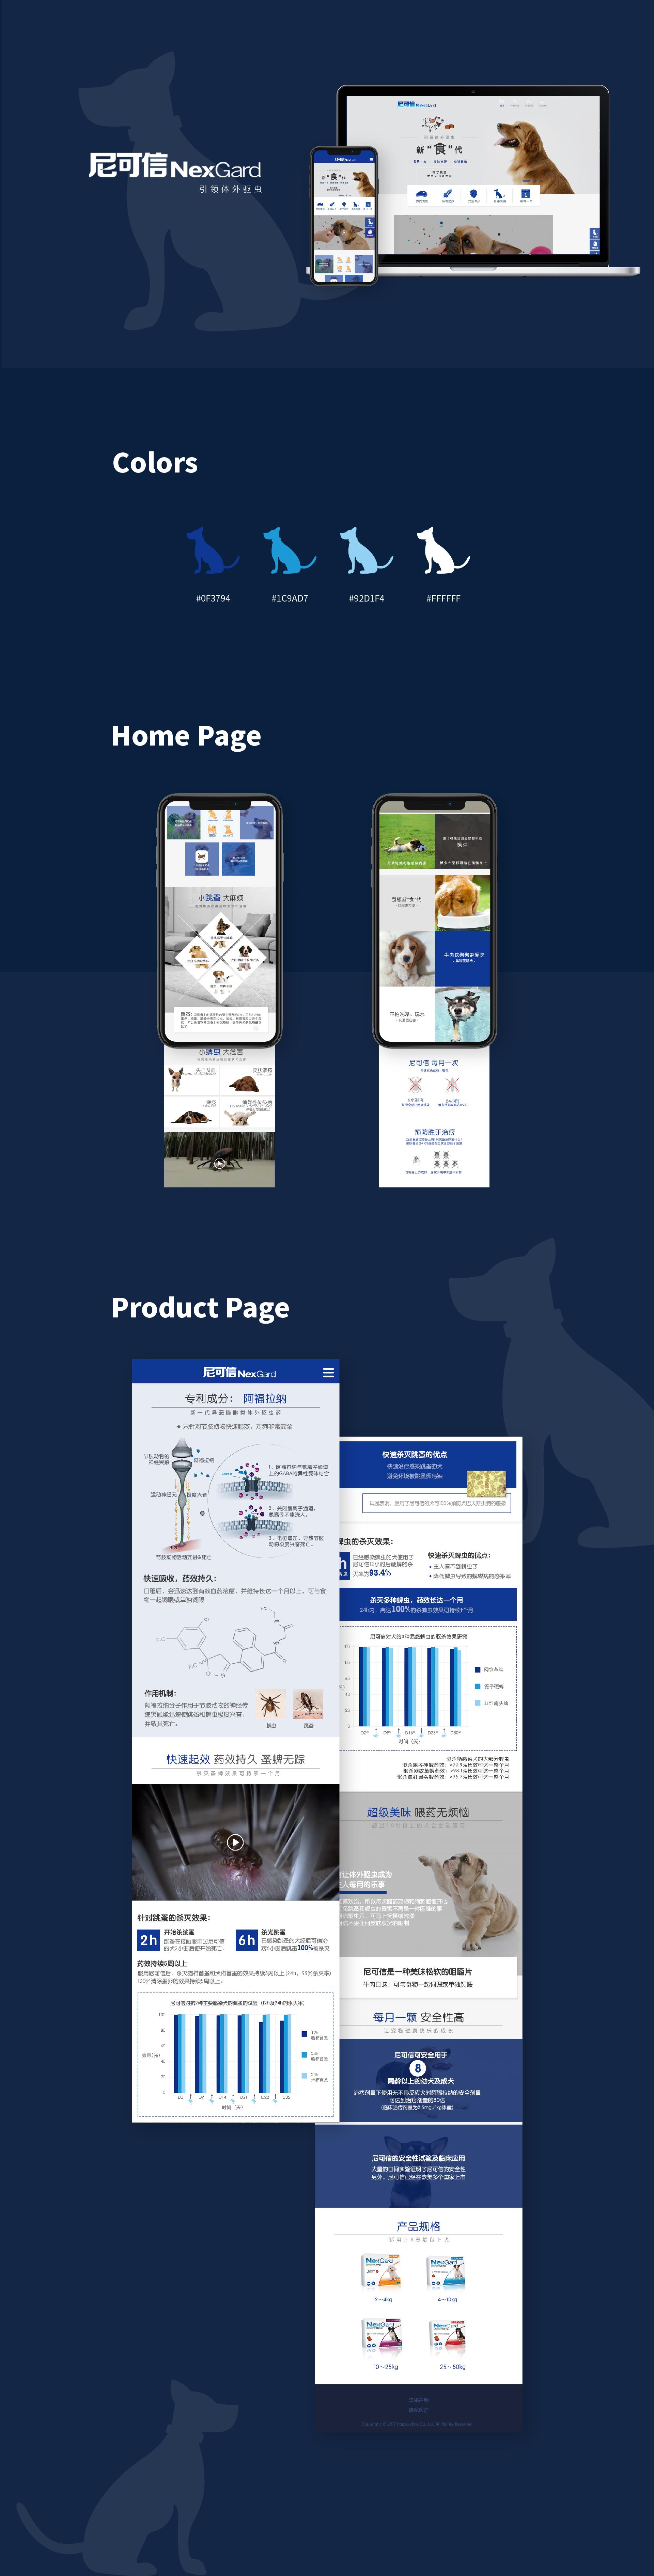 尼可信网站ui设计